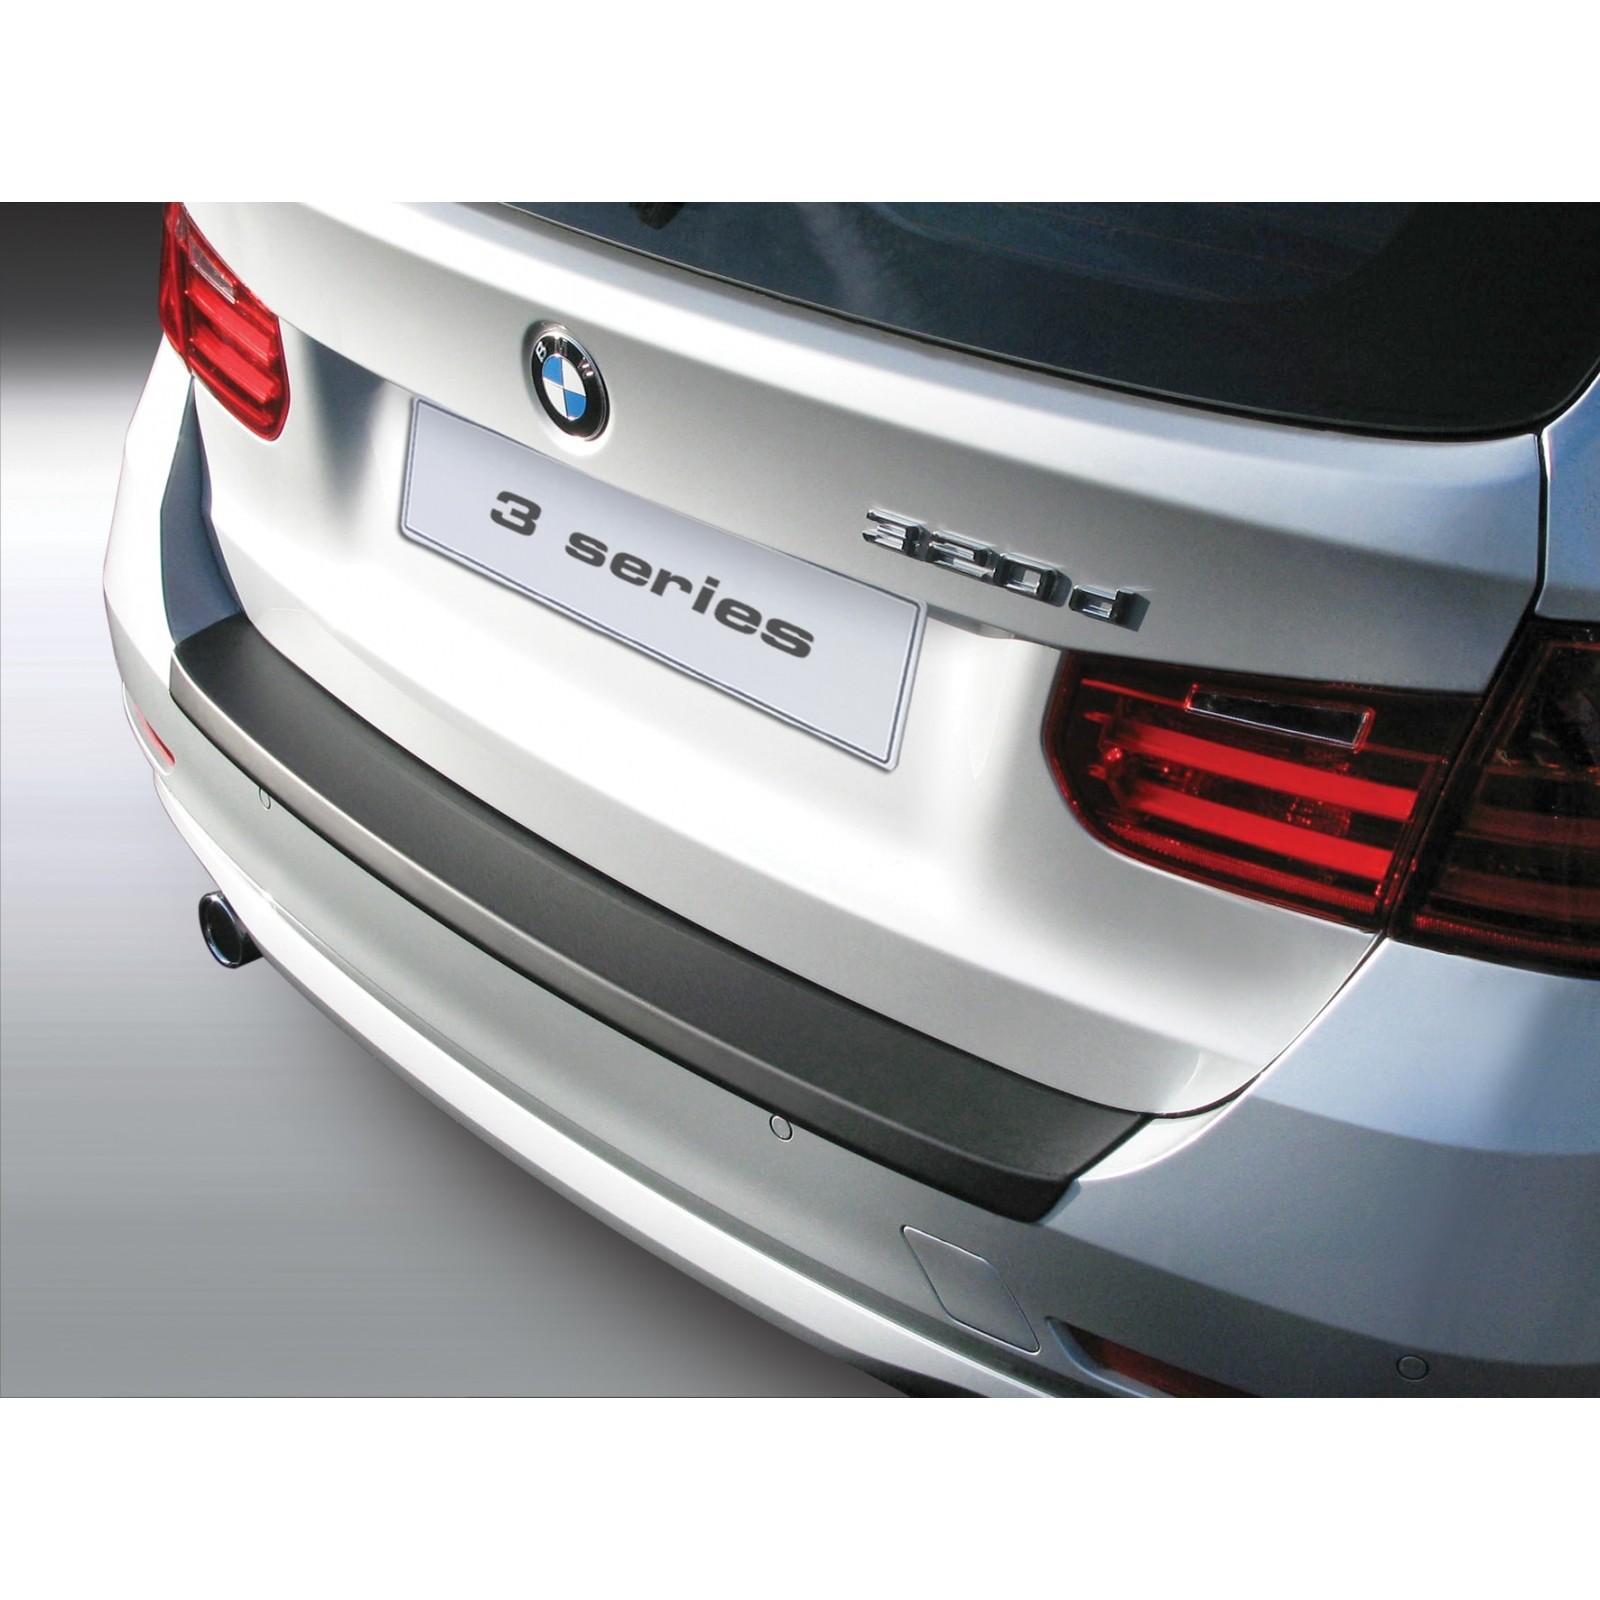 VASCA BAULE BAGAGLIAIO IN GOMMA BMW 3 F31 SW dal 2012